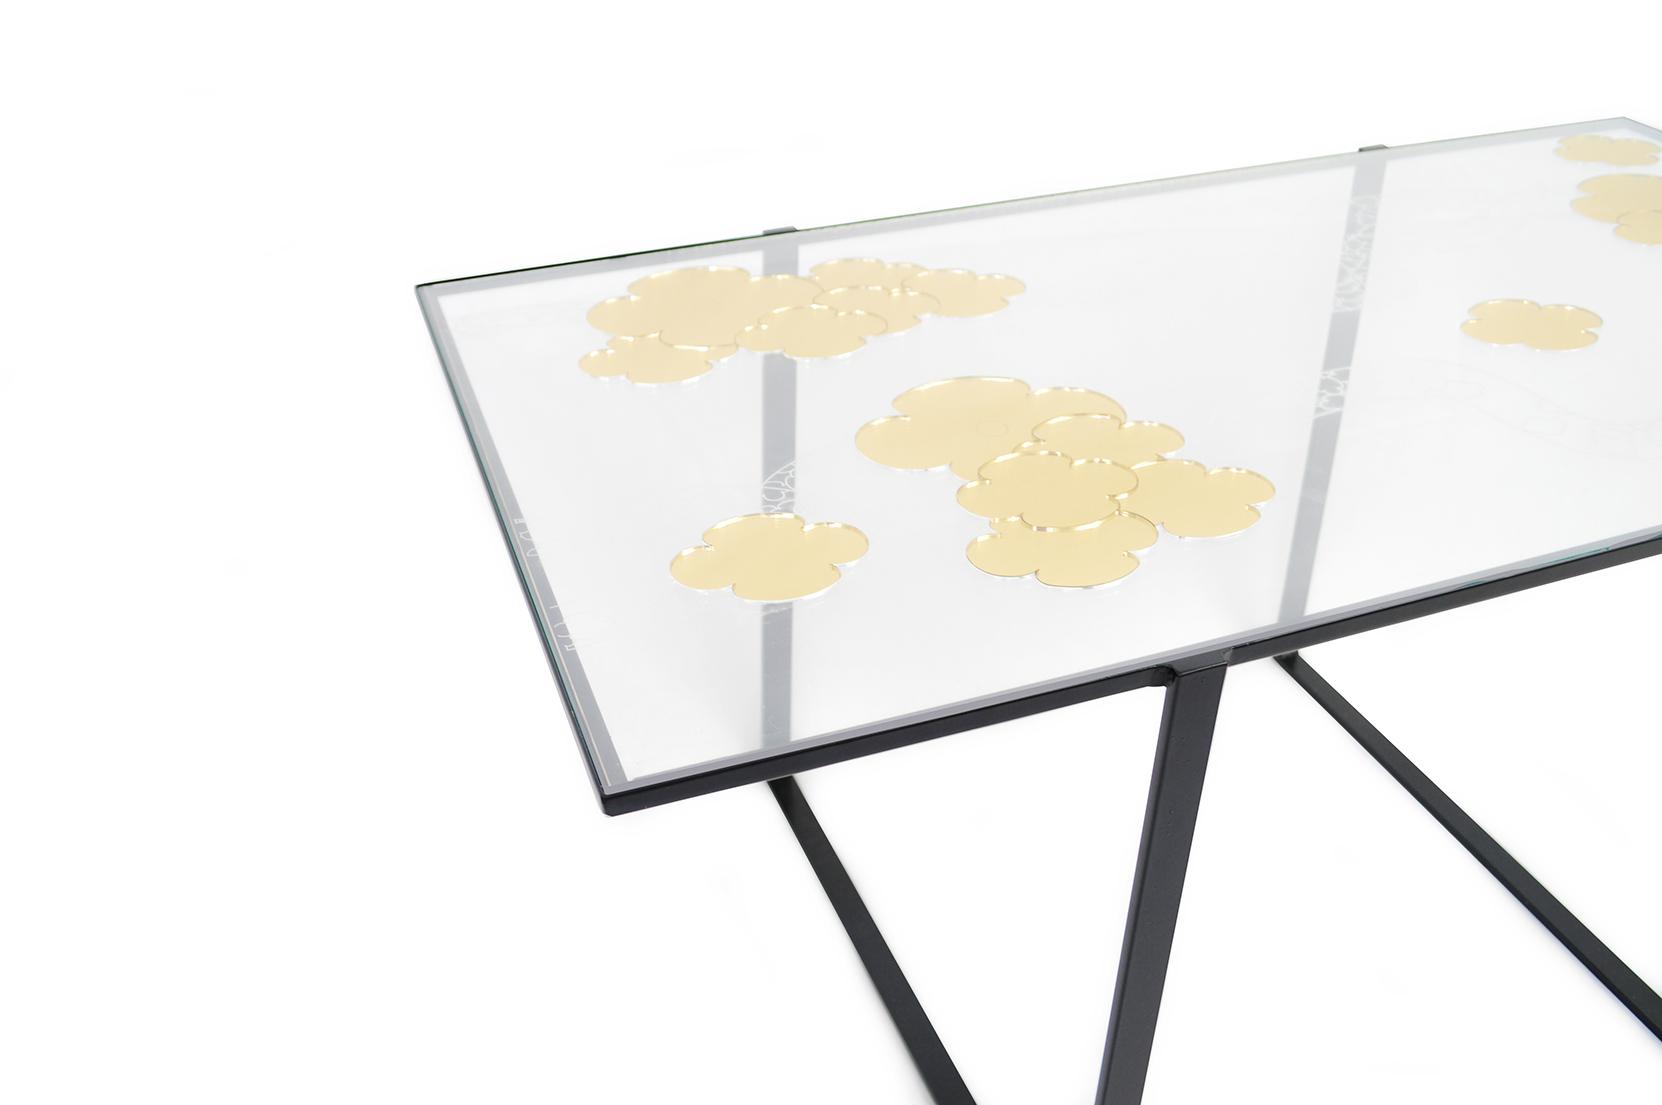 Table Découper les nuages zoom 1